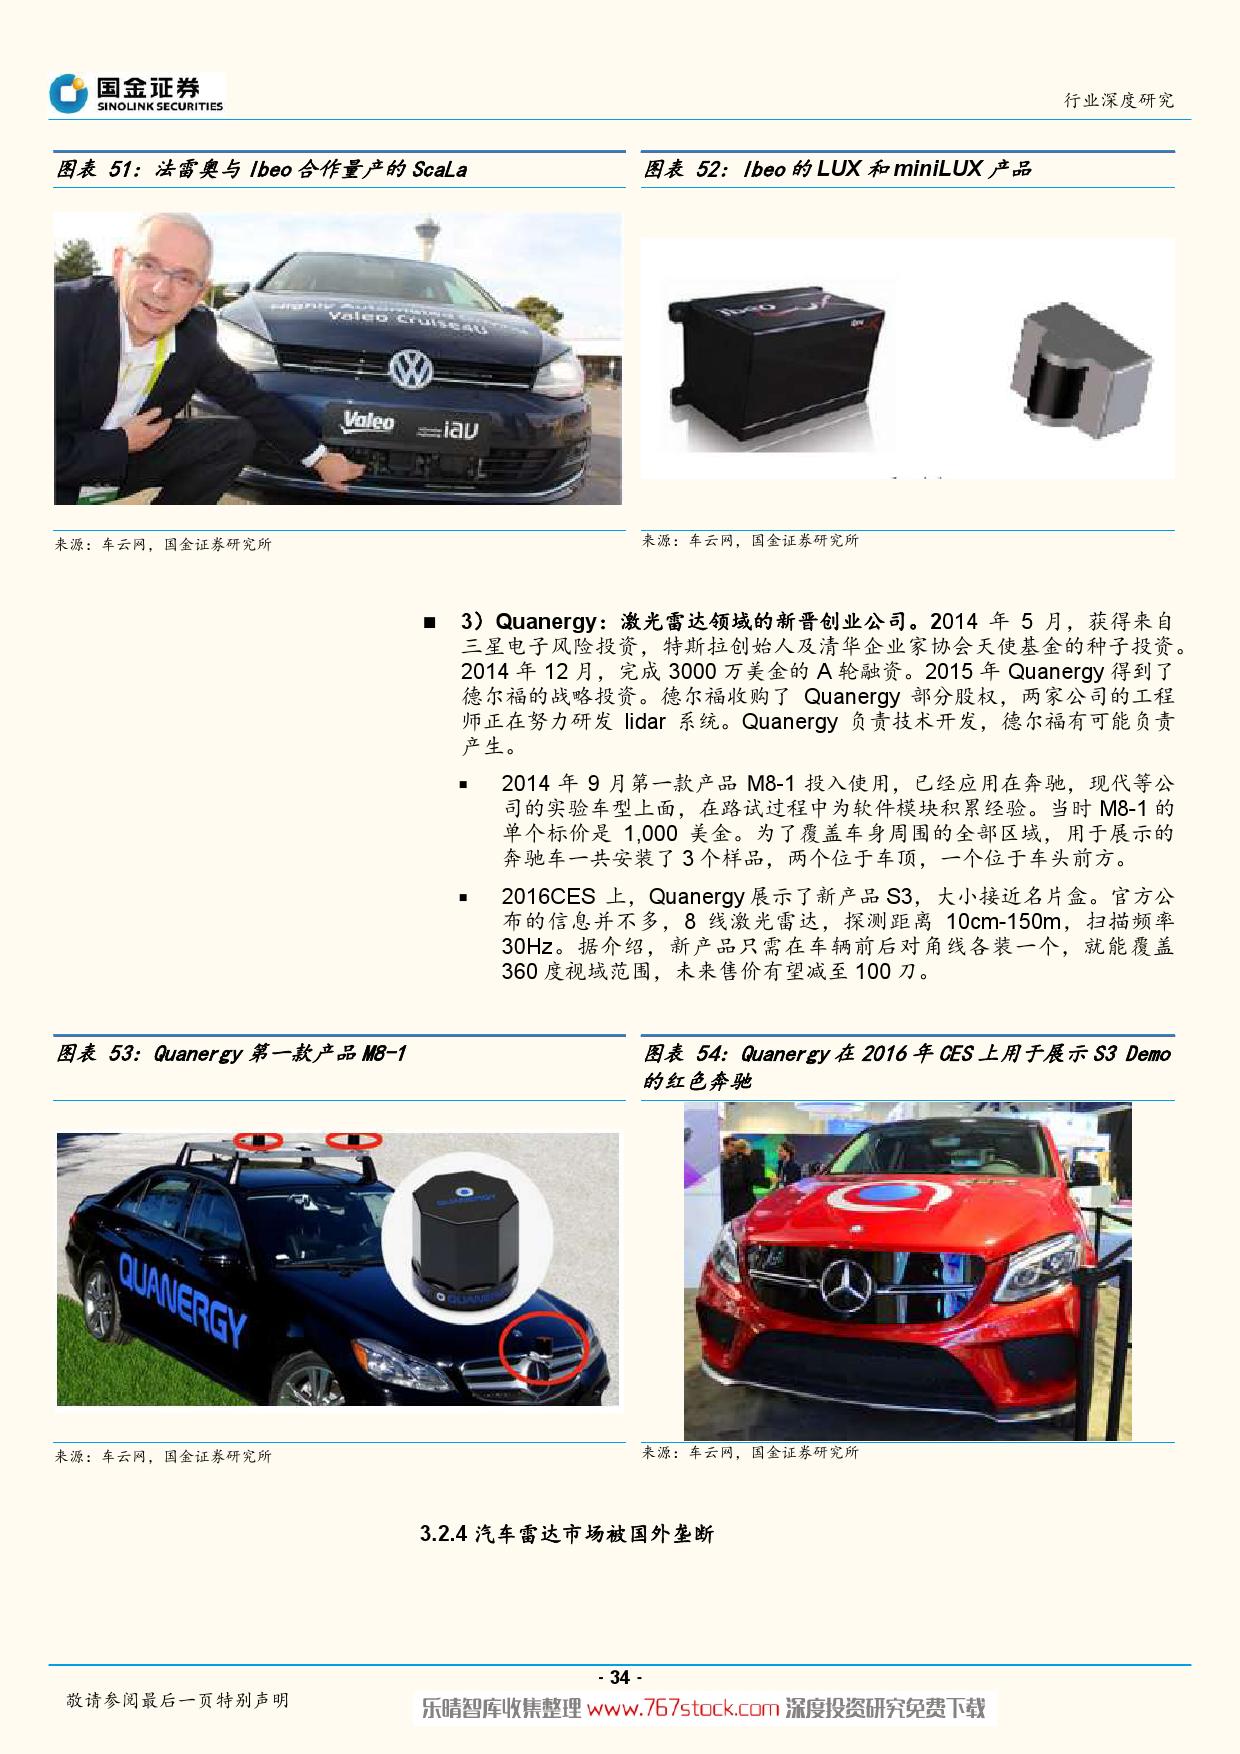 特斯拉产业系列深度报告-智能驾驶爆发在即_000034